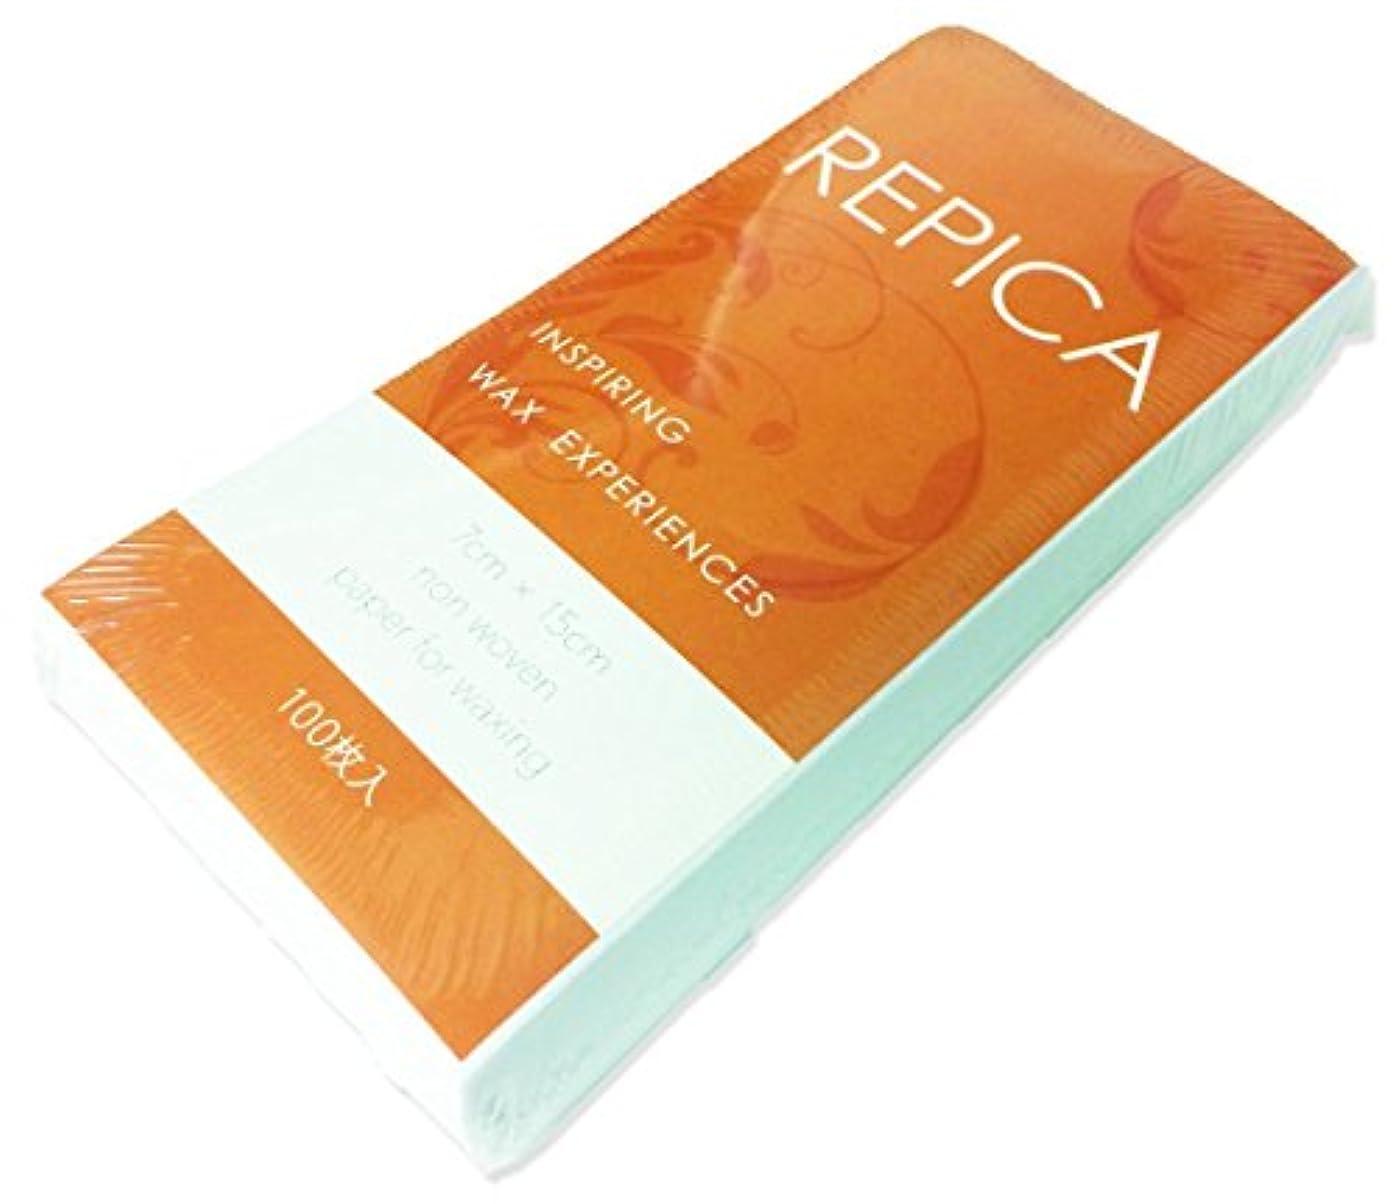 精査する過激派剃るREPICA ブラジリアンワックス脱毛 カットペーパー Mサイズ100枚入り×5個セット ワックス脱毛 ワックスシート ストリップシート